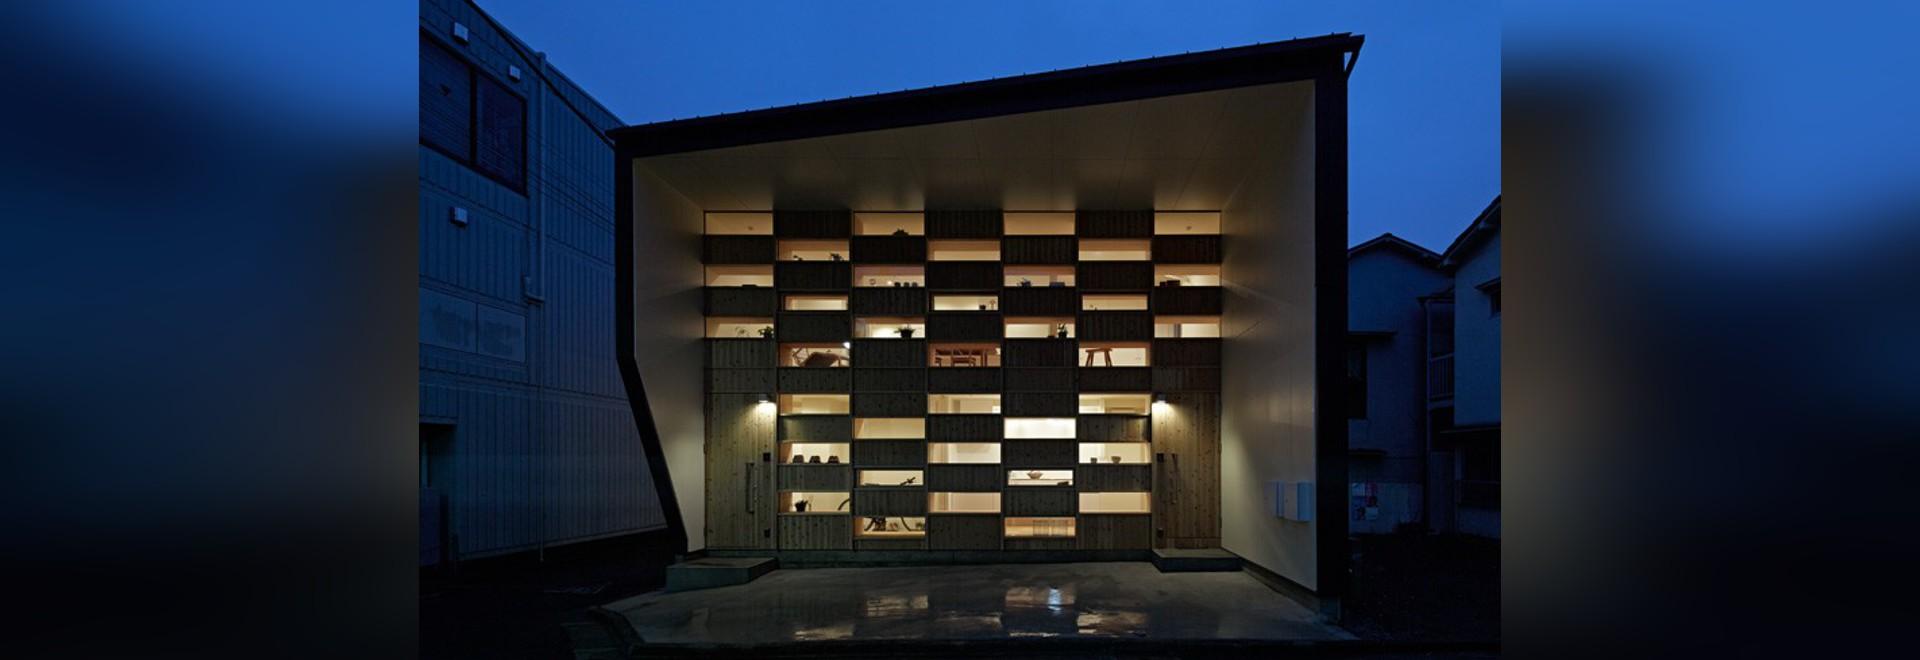 Takeshi Shikauchi Architekten entwerfen ein Haus mit einer Checkered ...